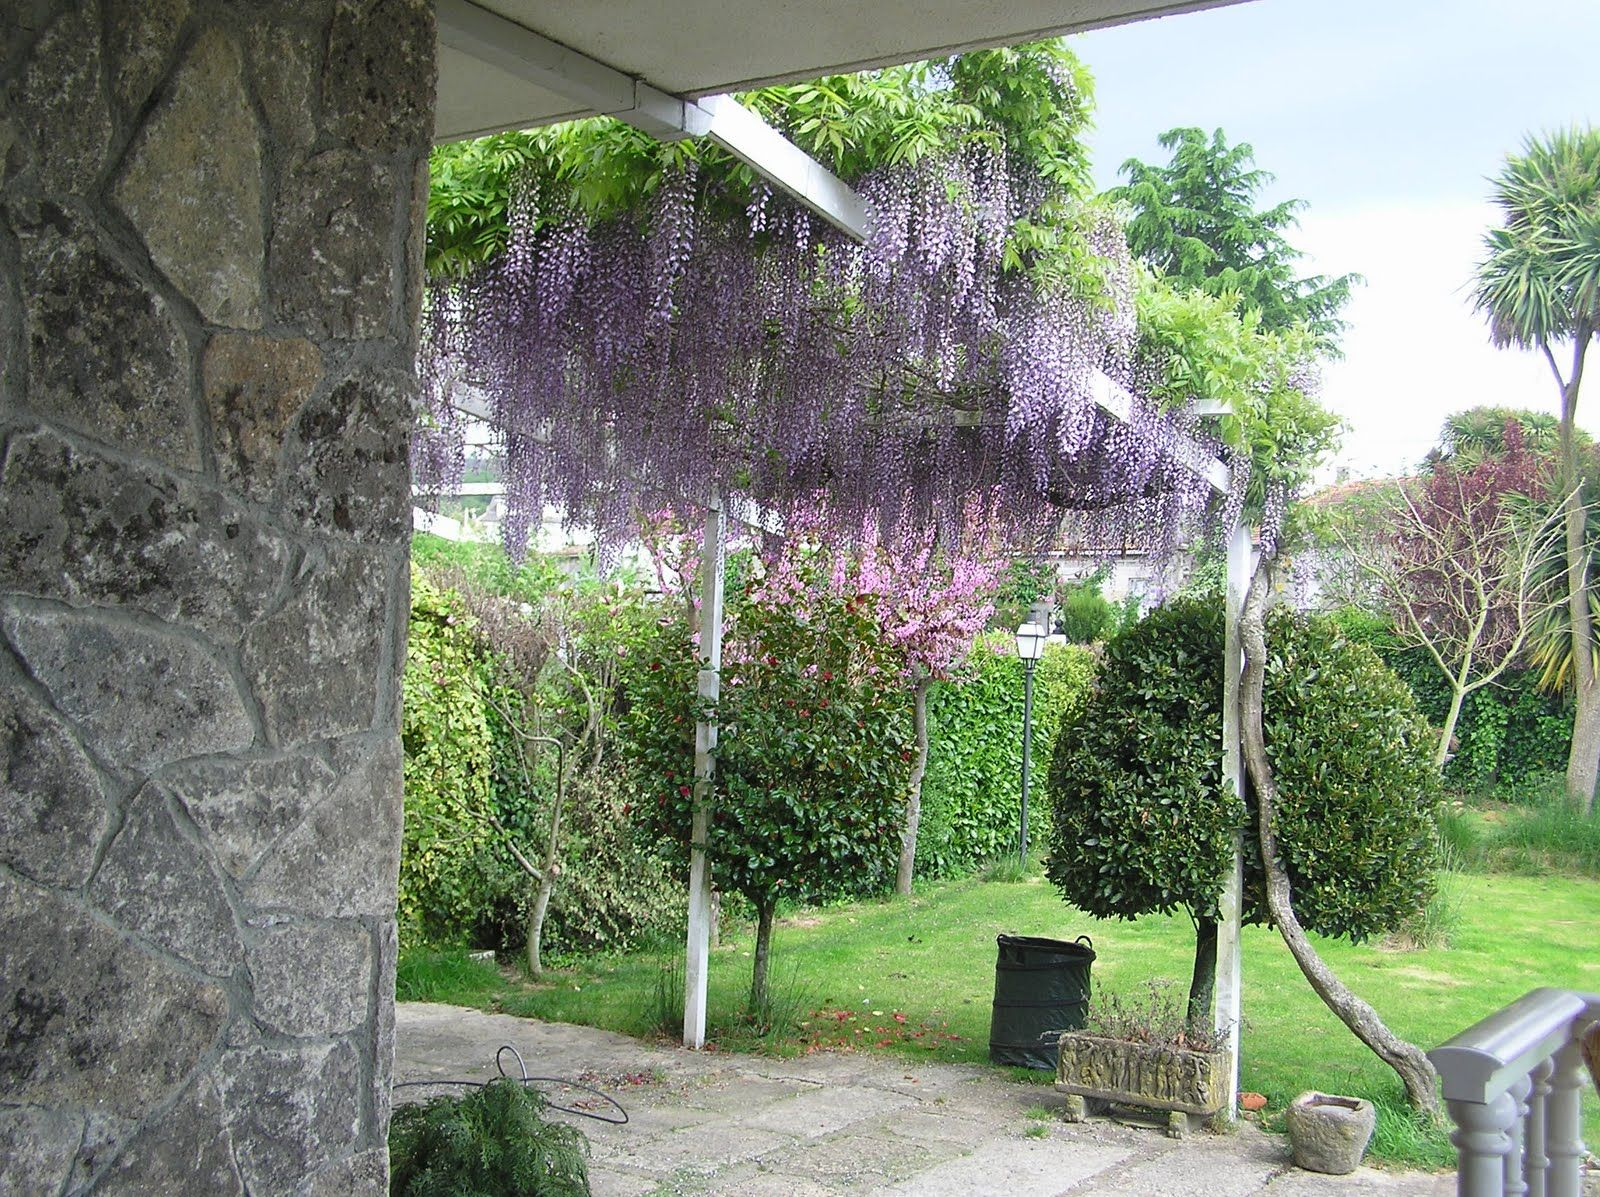 Enredaderas o trepadoras para cubrir pared en jardin for Jardines en paredes